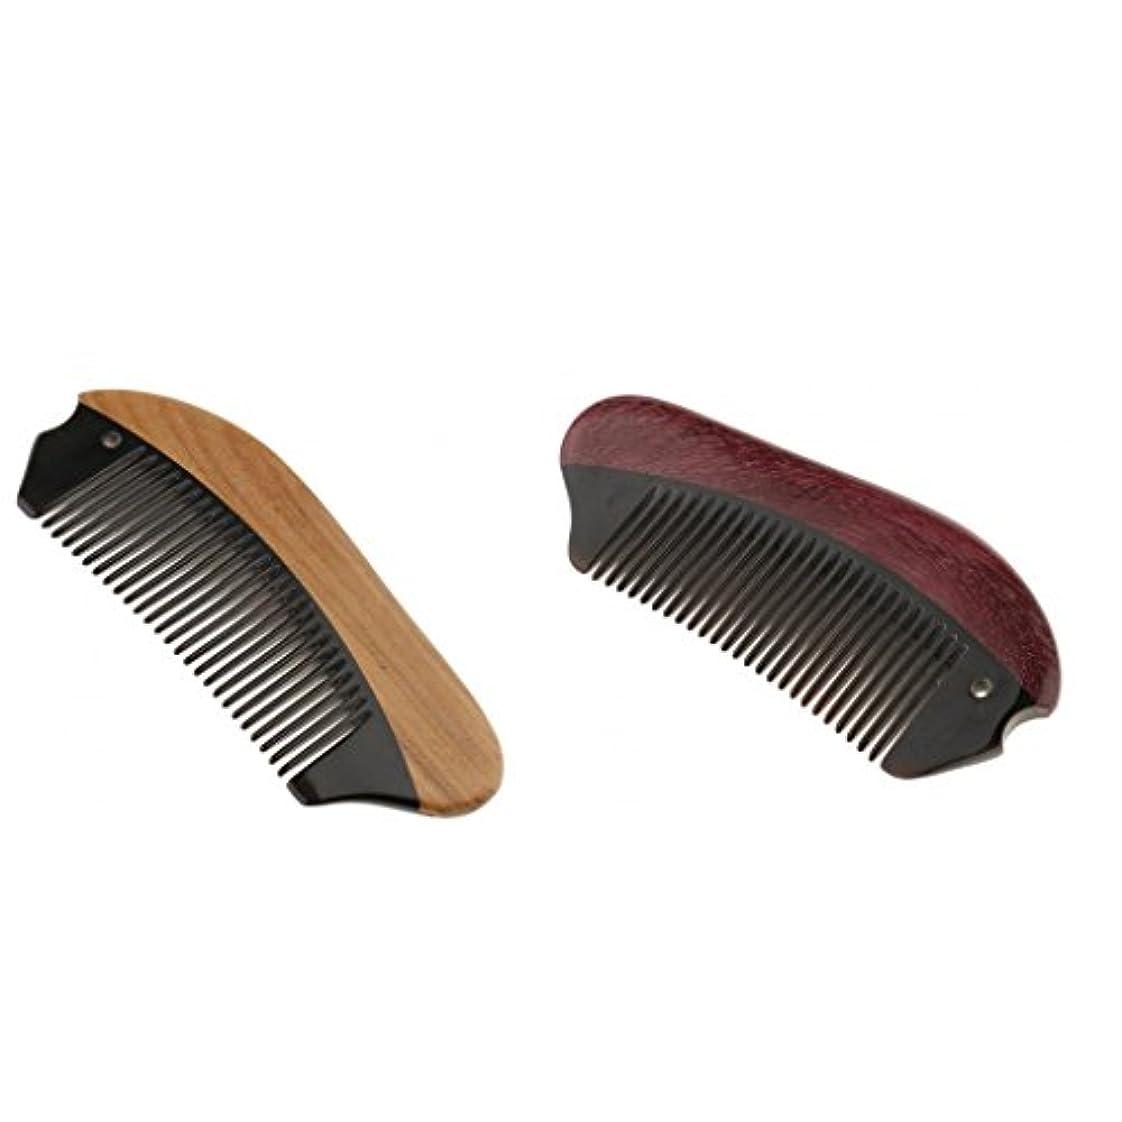 どういたしましてバーターペルセウスCUTICATE 2本牛角木製細かい歯の非静的な頭皮マッサージポケットくし